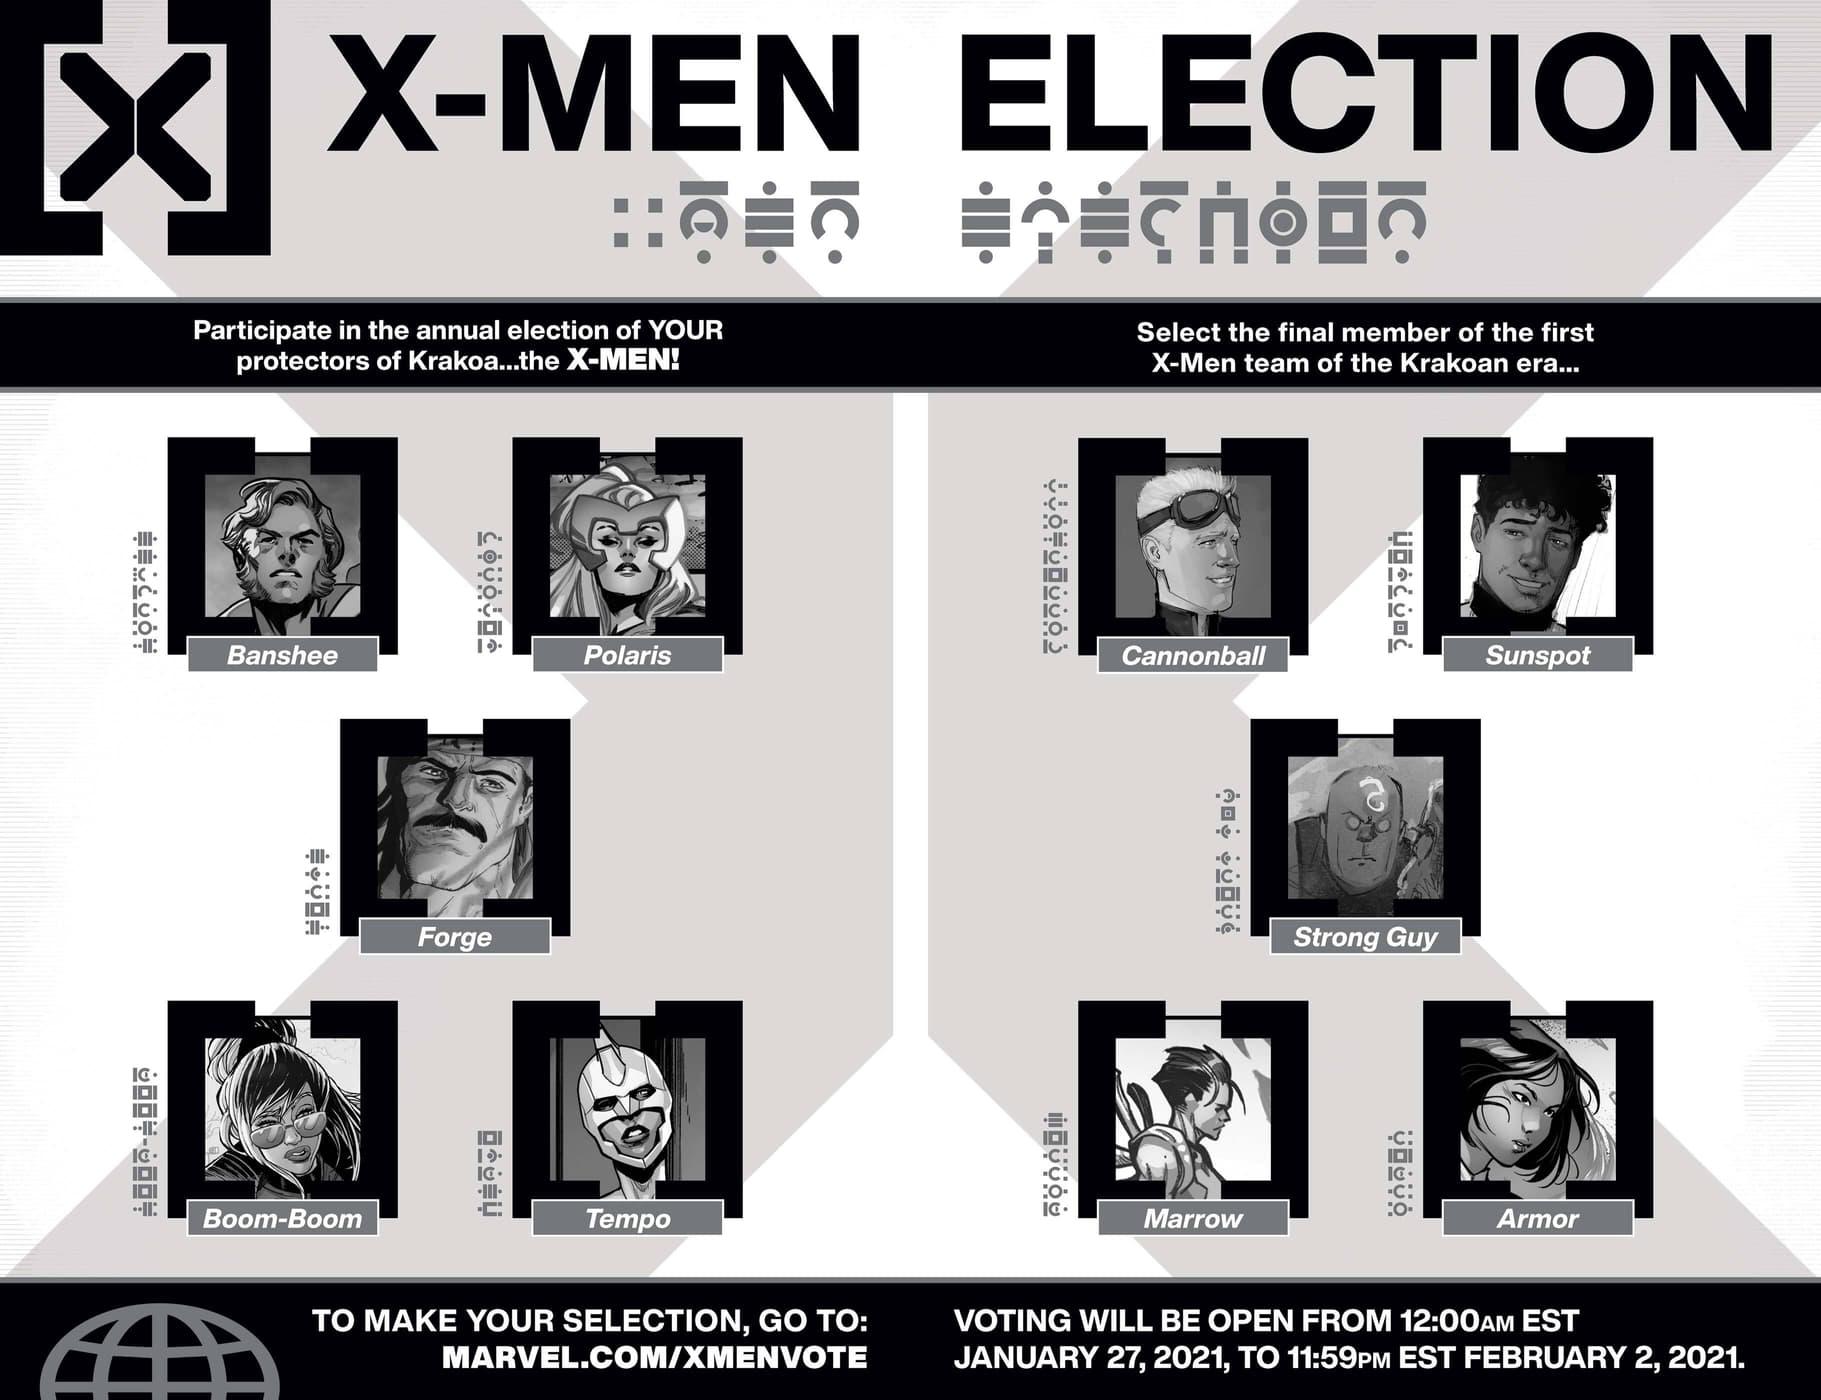 X-Men election